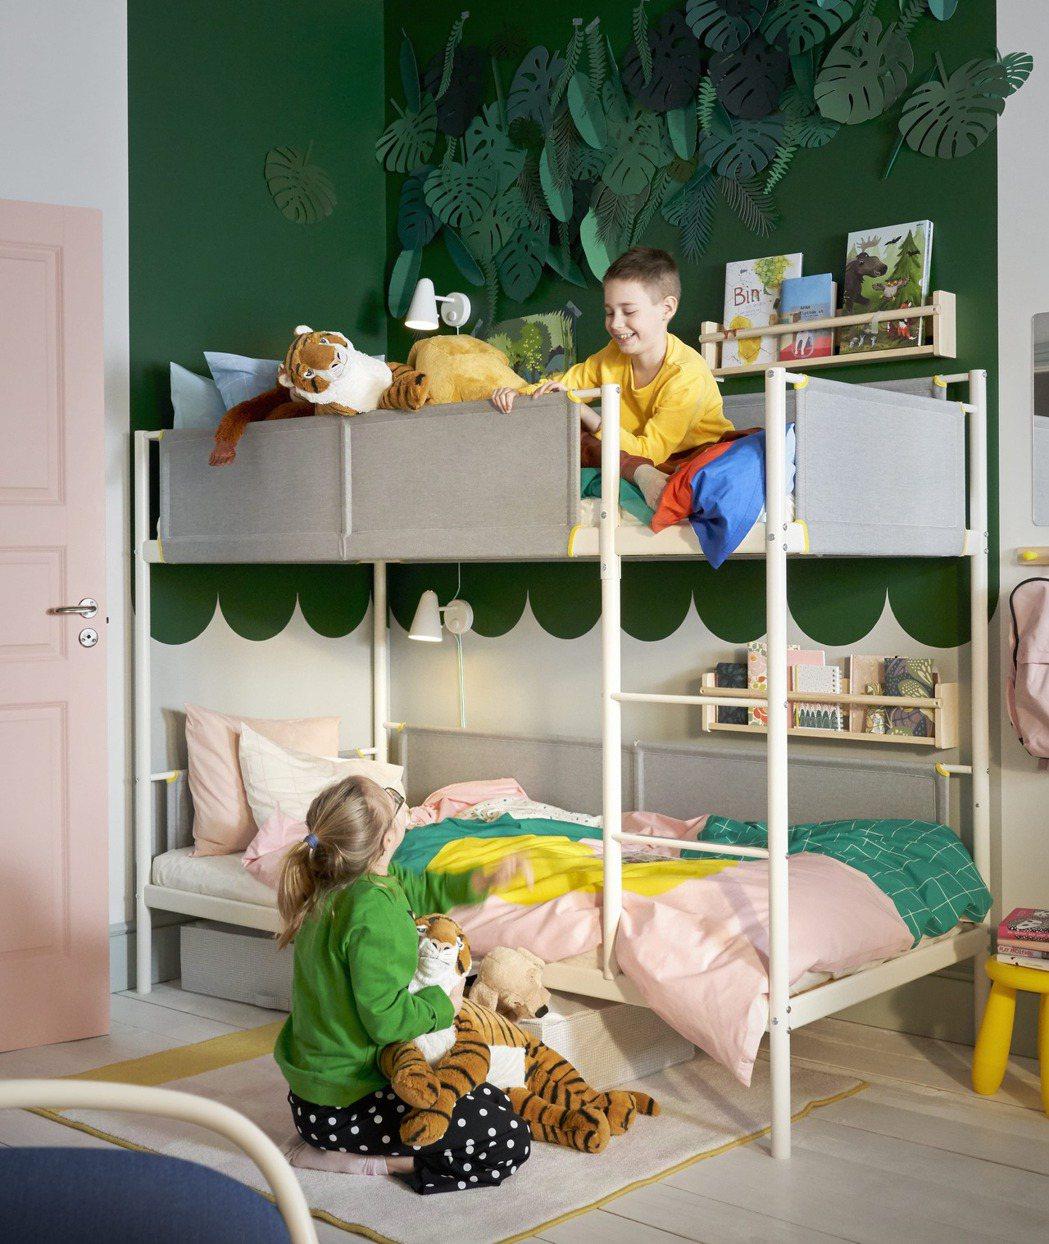 新品VITVAL上下舖床框,加上專屬的光源及書架,孩子們就能擁有自己看書、休息、...